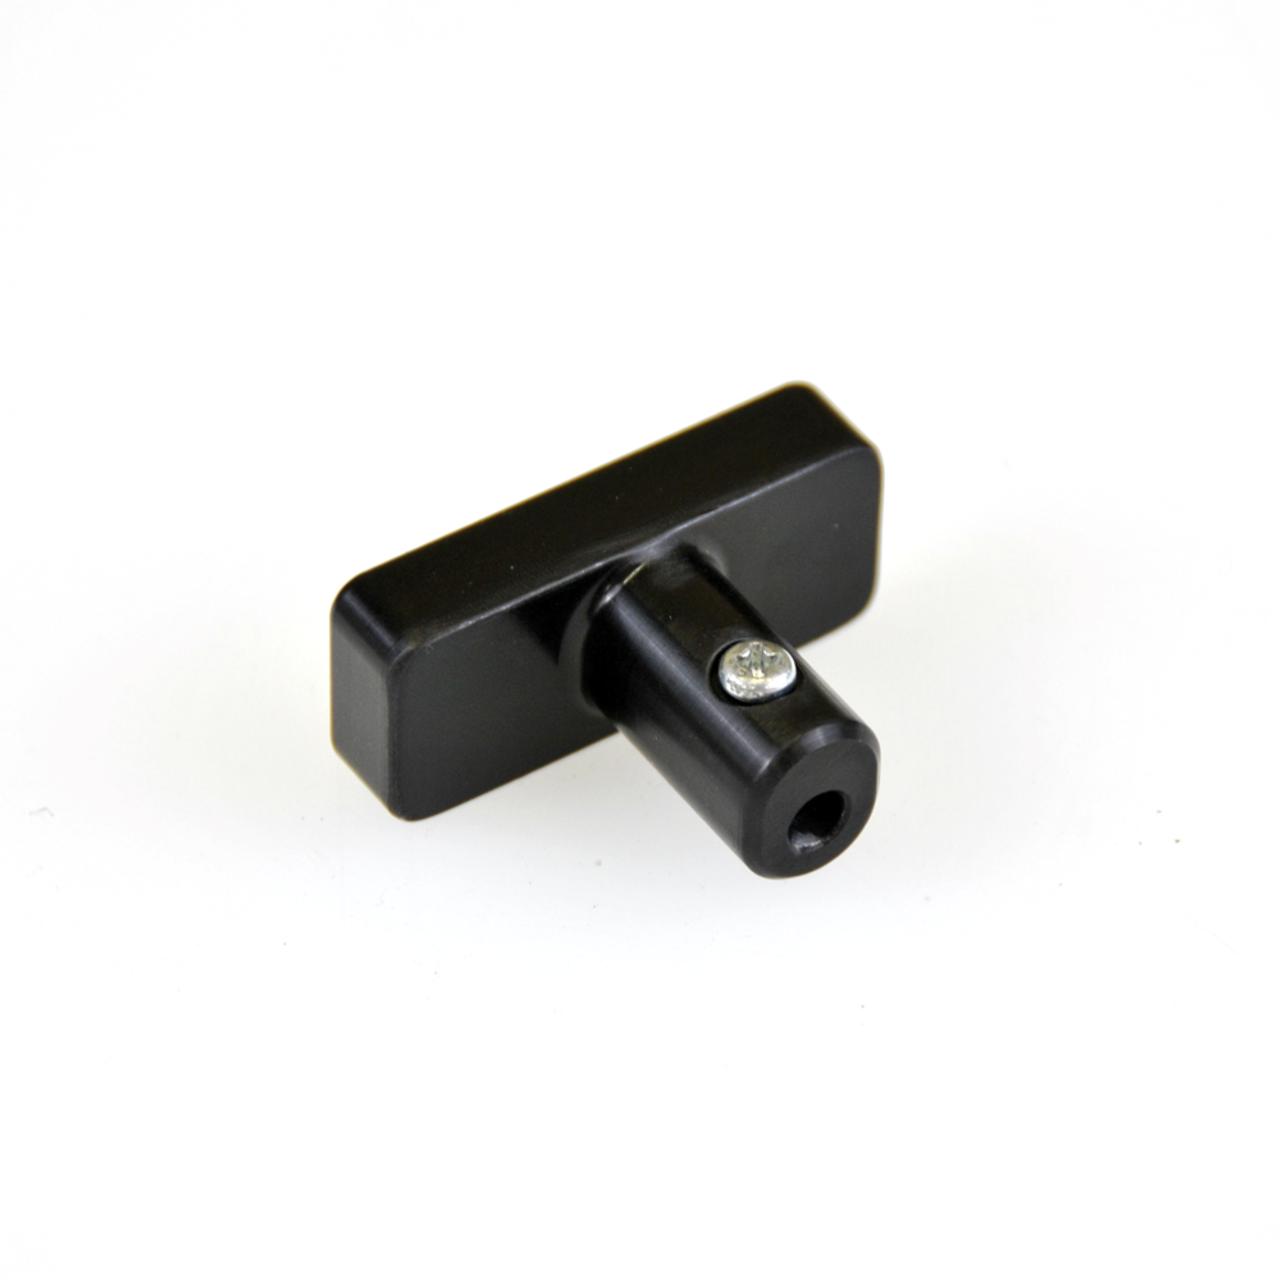 62 Series Fuel Door Release Handle (FDR-1)